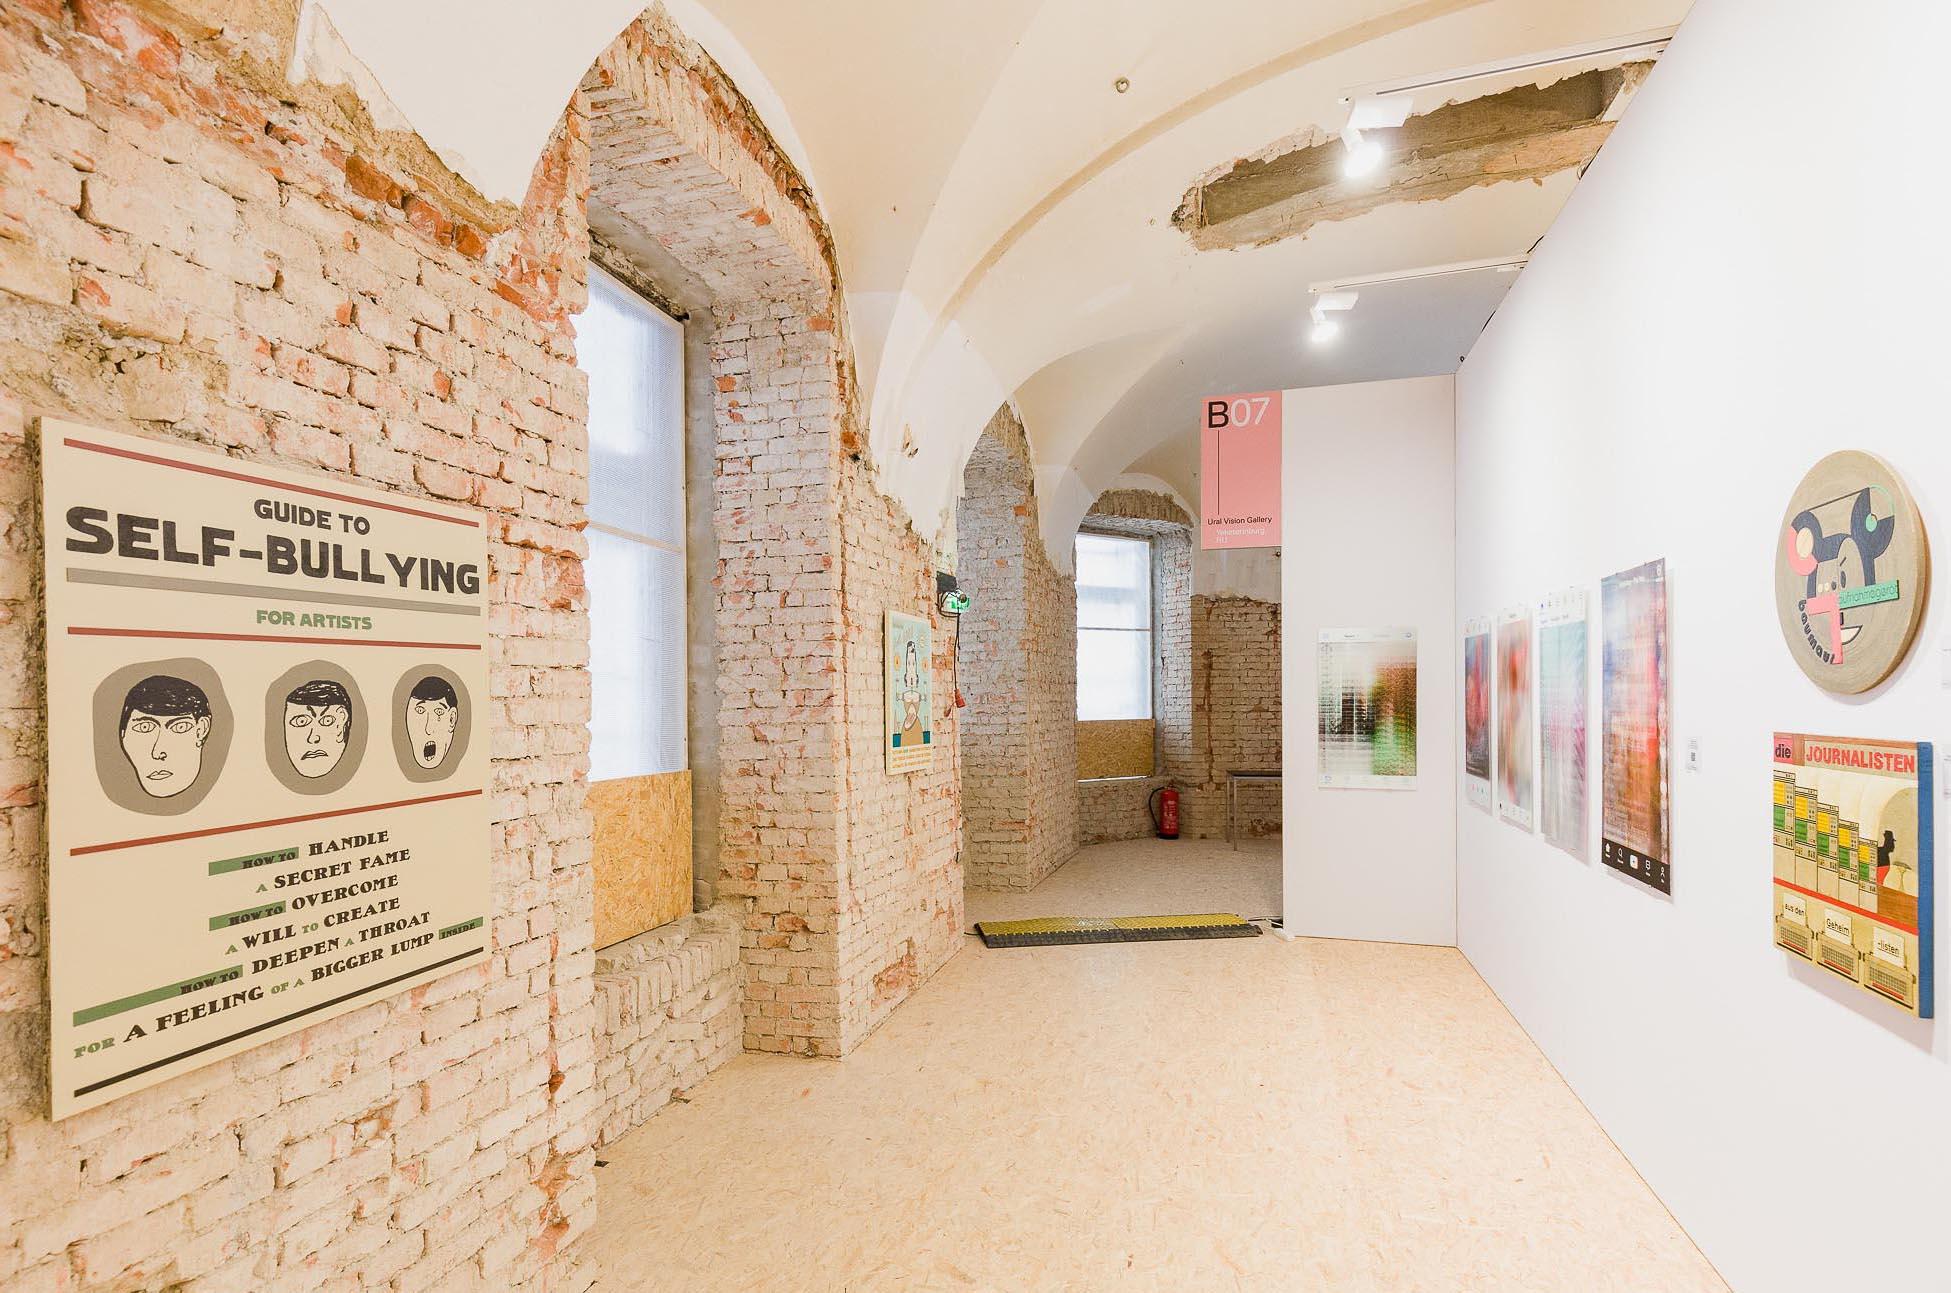 russian art gallery, show, wall art, emerging artist, viewing room